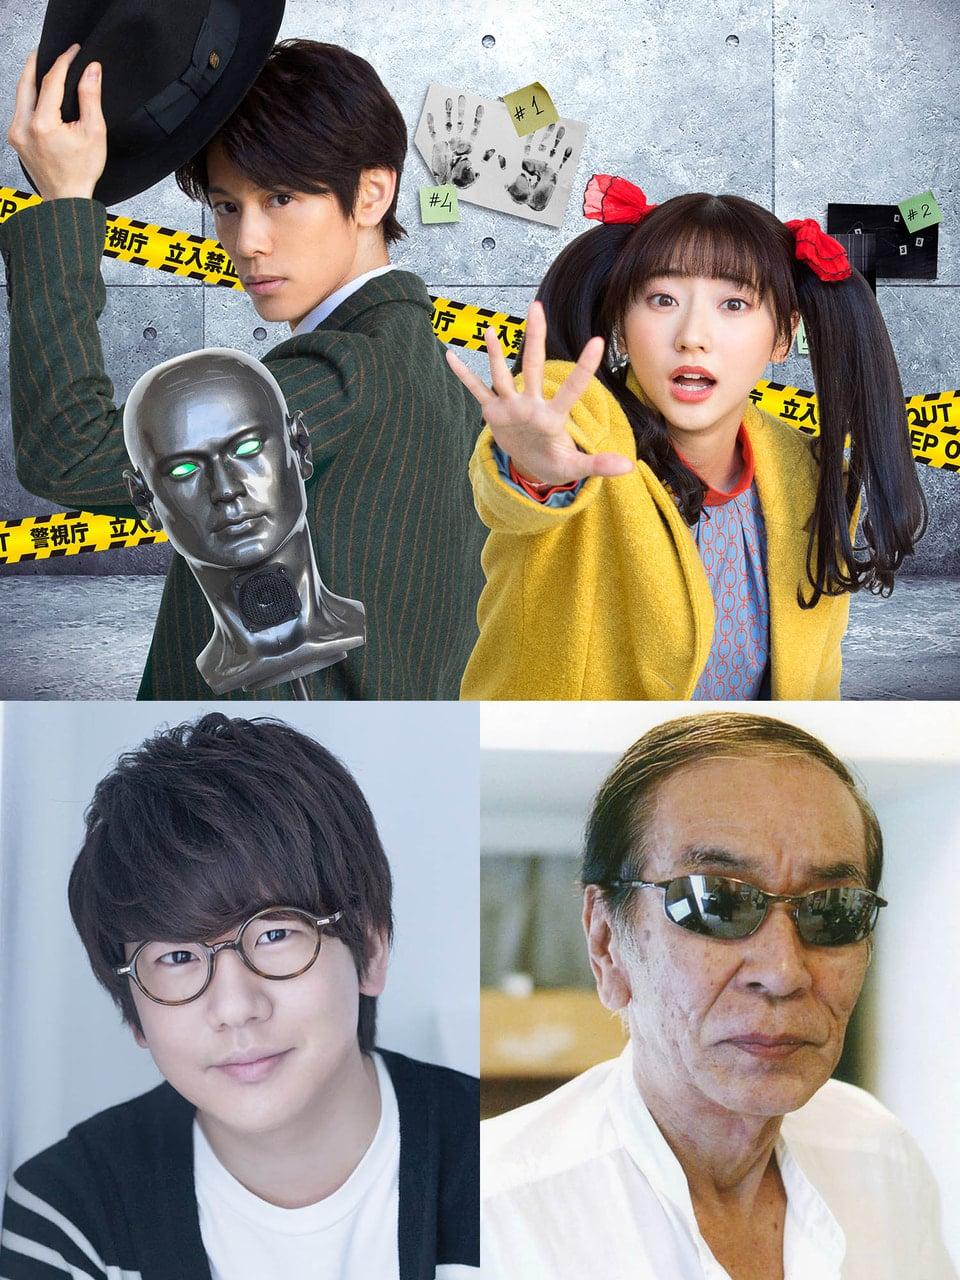 沢城千春が主演、キャストはほぼ声優!新感覚ミステリードラマ『声優探偵』の放送が決定!